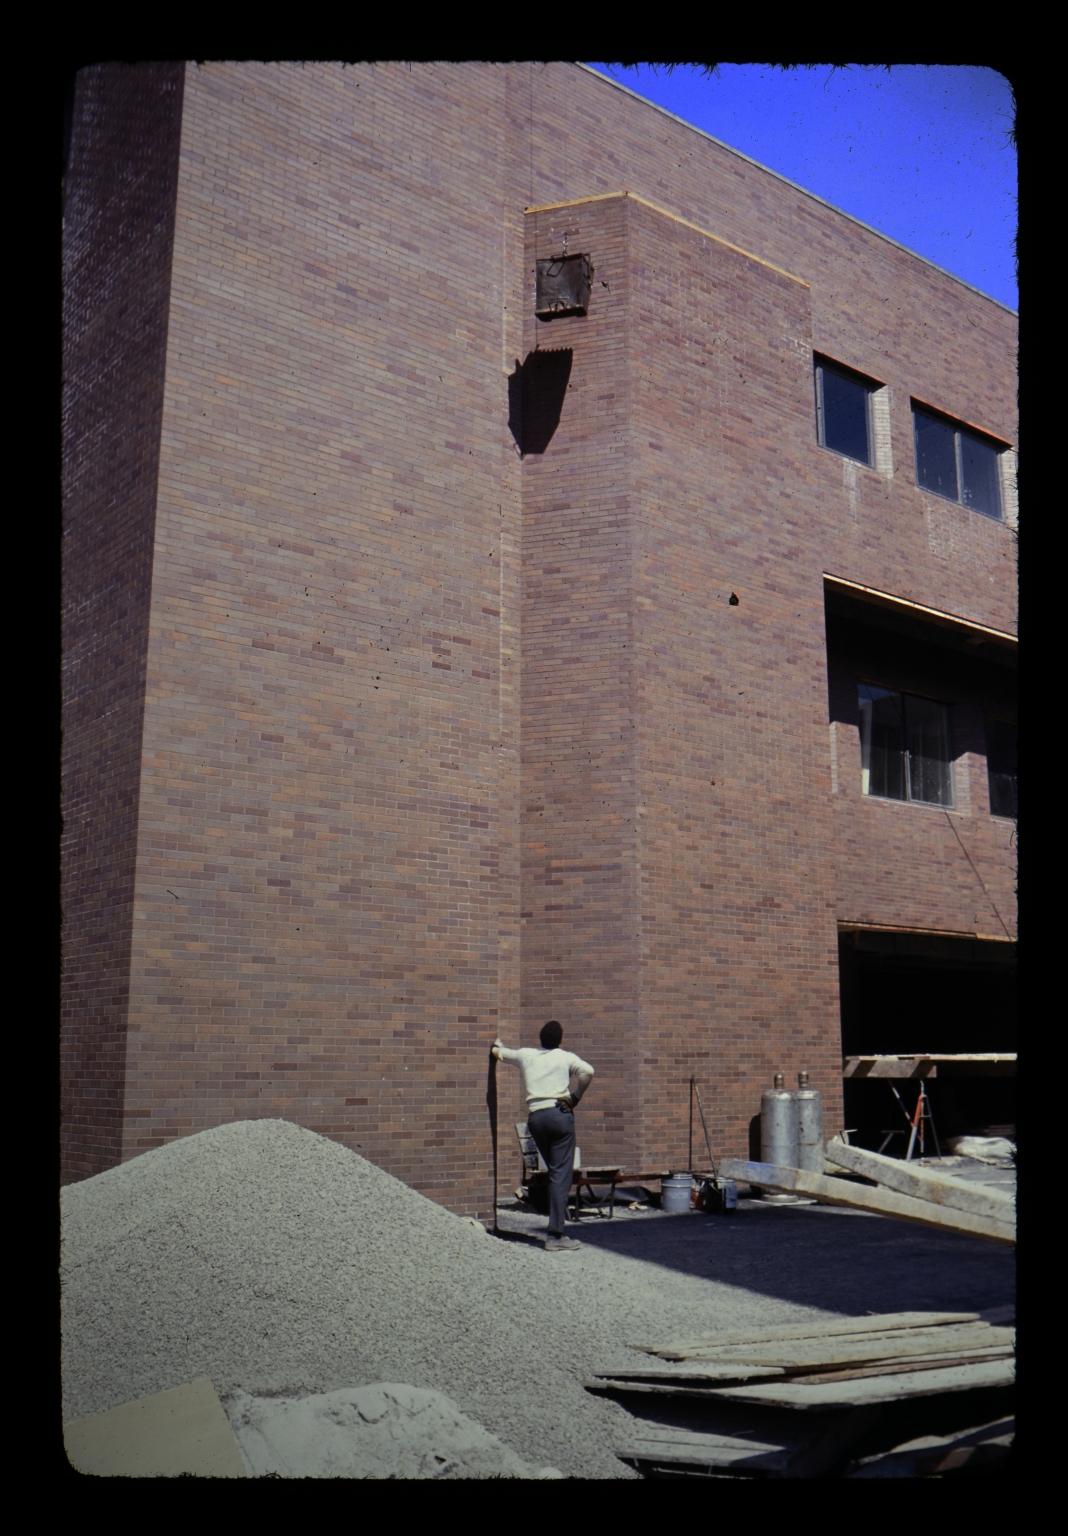 Quarter Mile construction